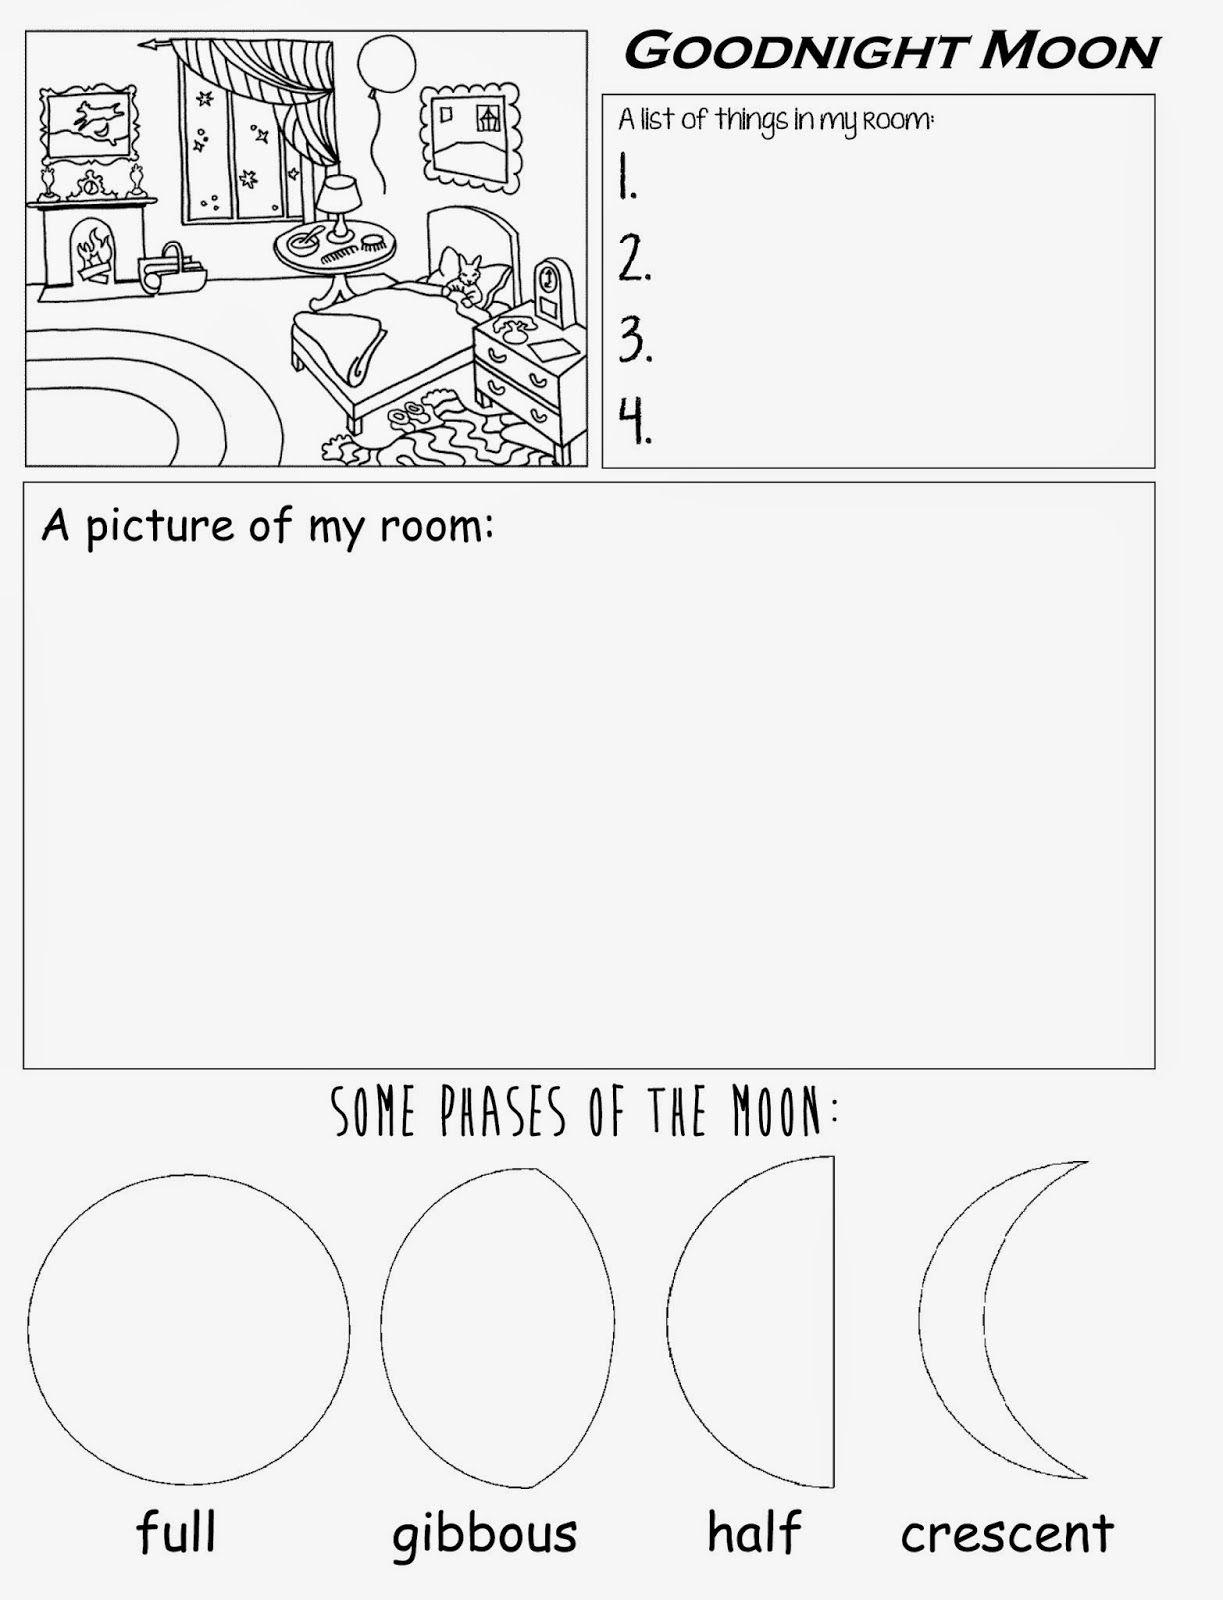 Goodnight Moon Free Printable Worksheet For Preschool Kindergarten | Home Worksheets Printables